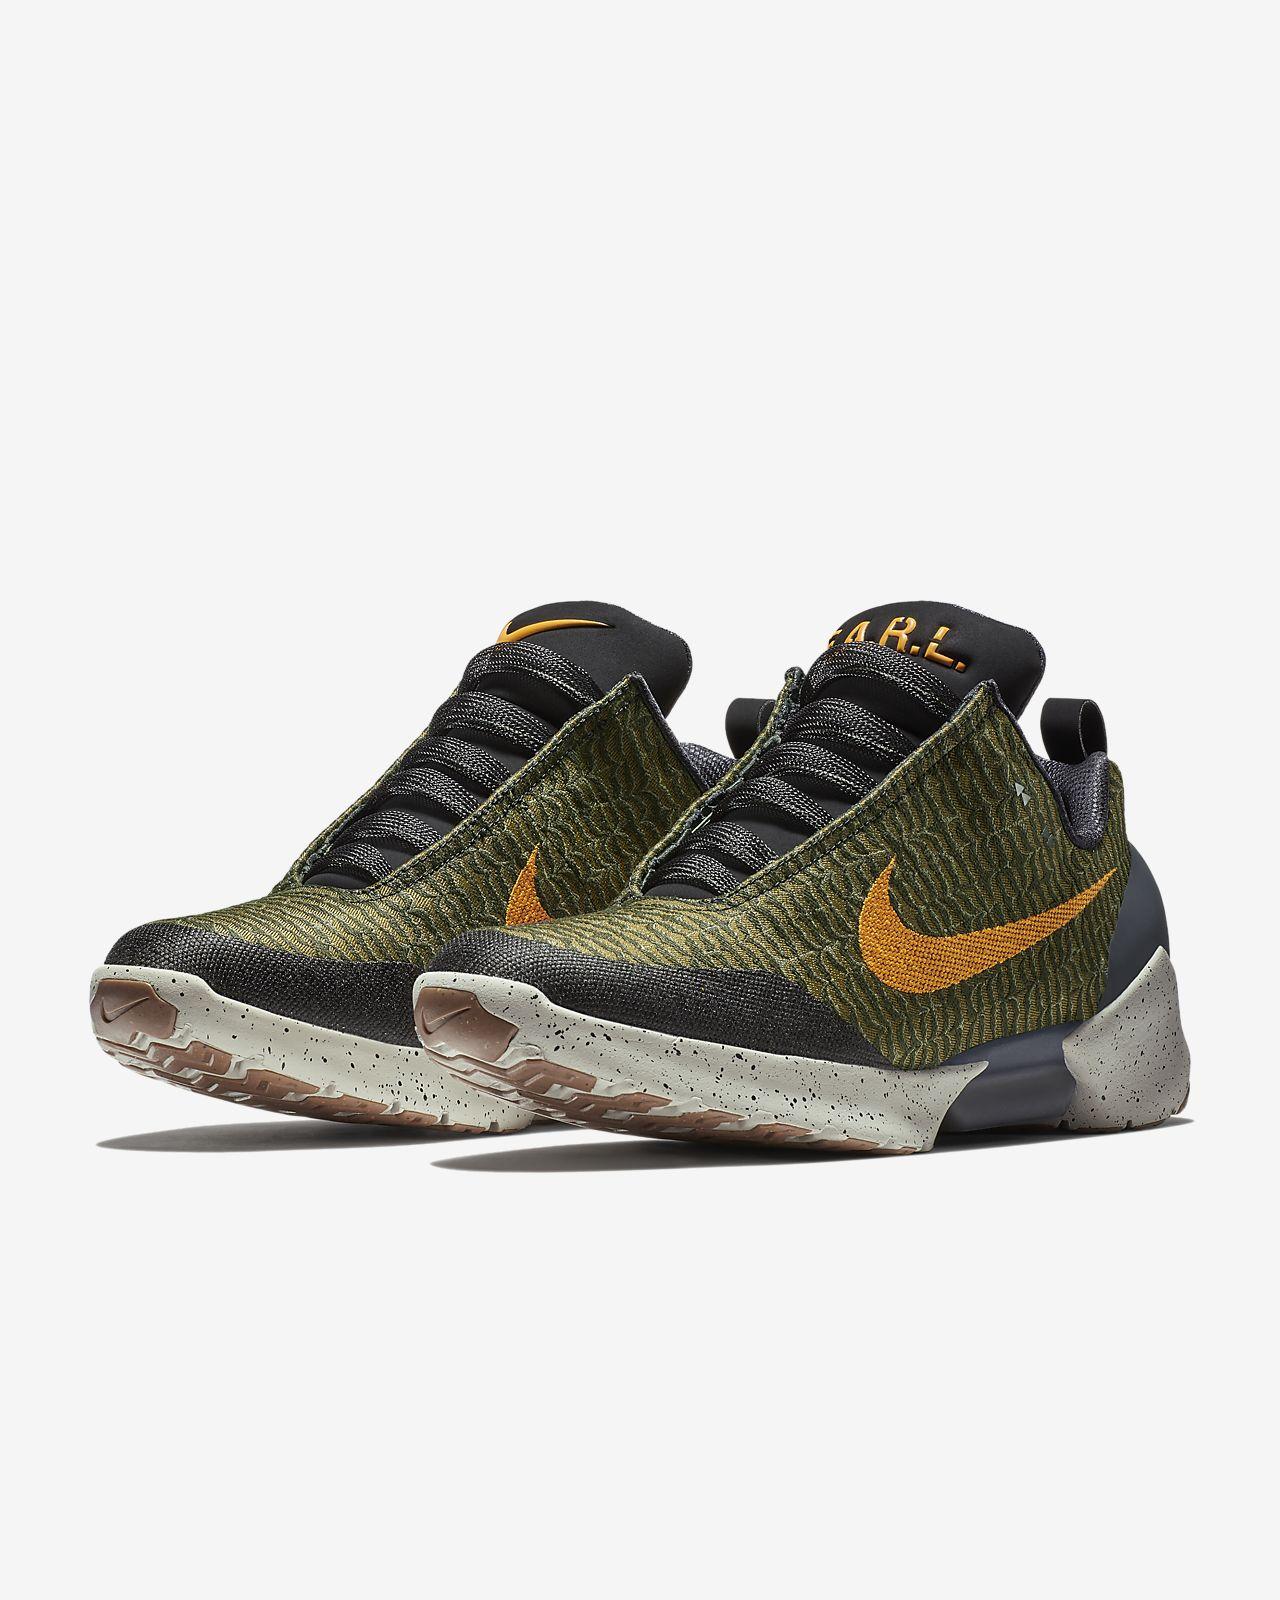 d9d4e82f8 Nike HyperAdapt 1.0 (EU Plug) Men s Shoe. Nike.com LU